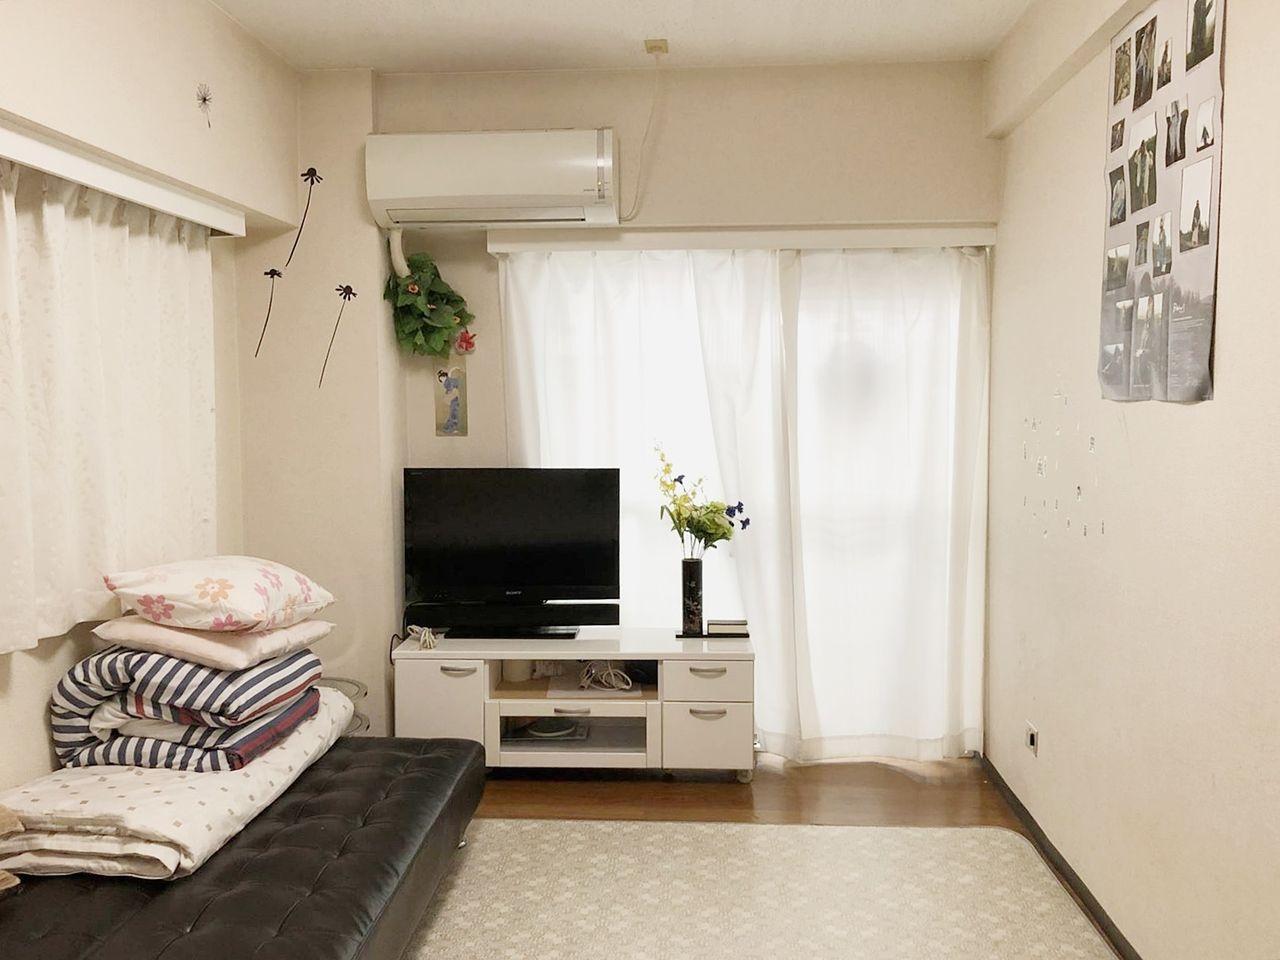 新宿駅徒歩2分の家具家電付きマンションGSハイム佐藤ビル804号室です